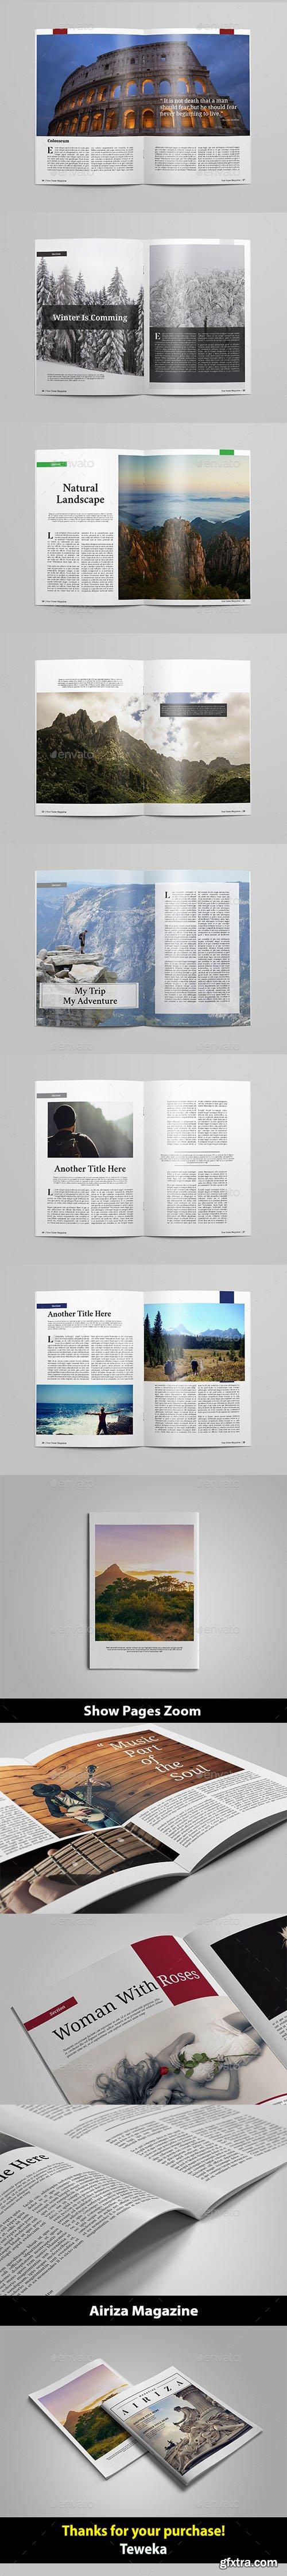 GraphicRiver - Airiza Magazine 16526851